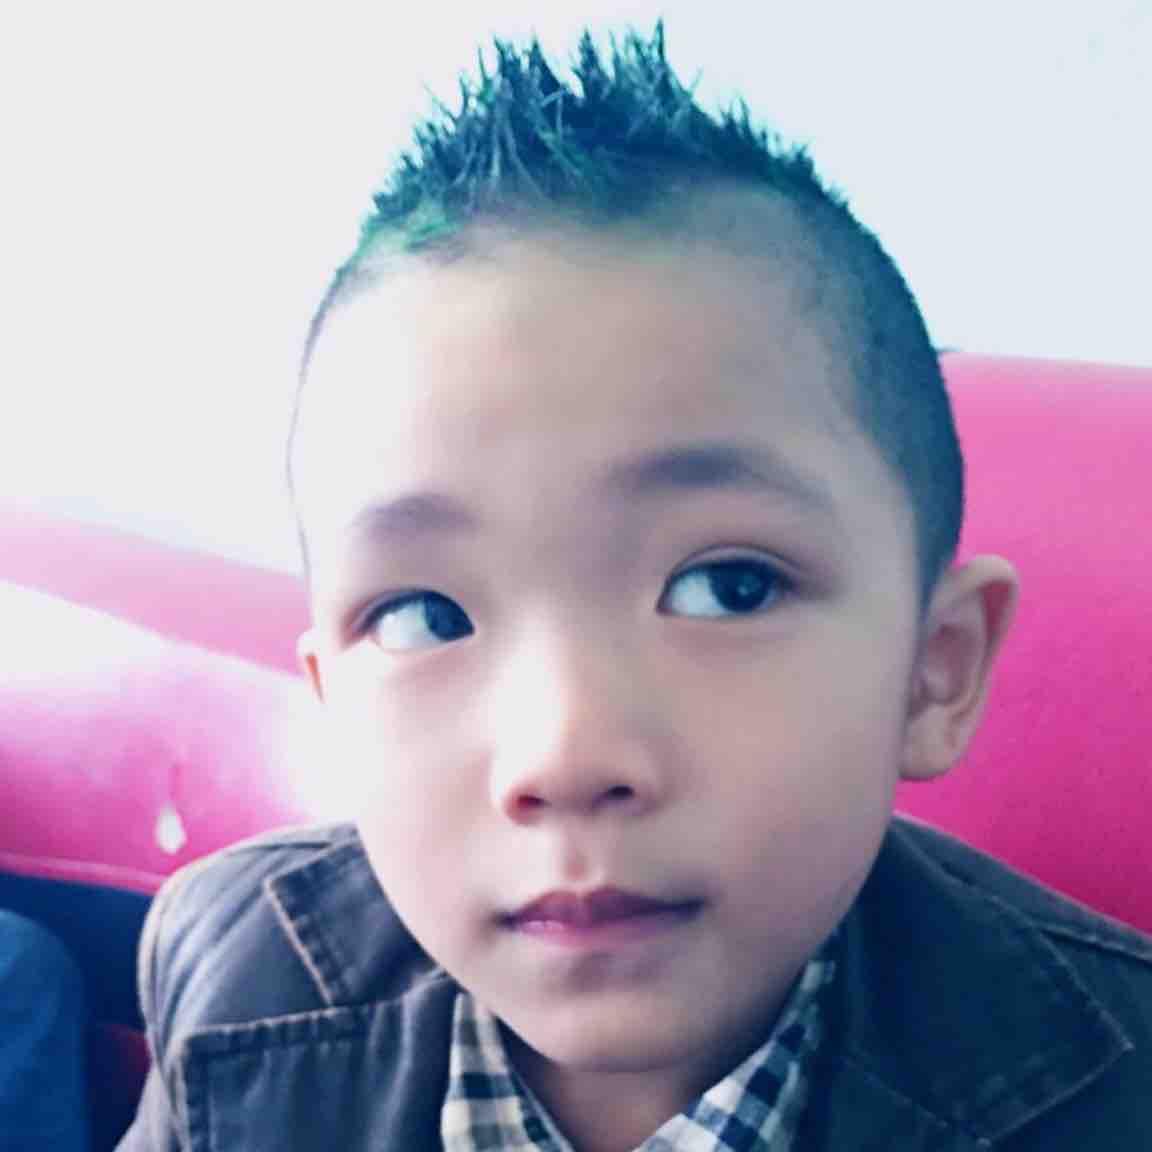 Nguyễn Huy Bình